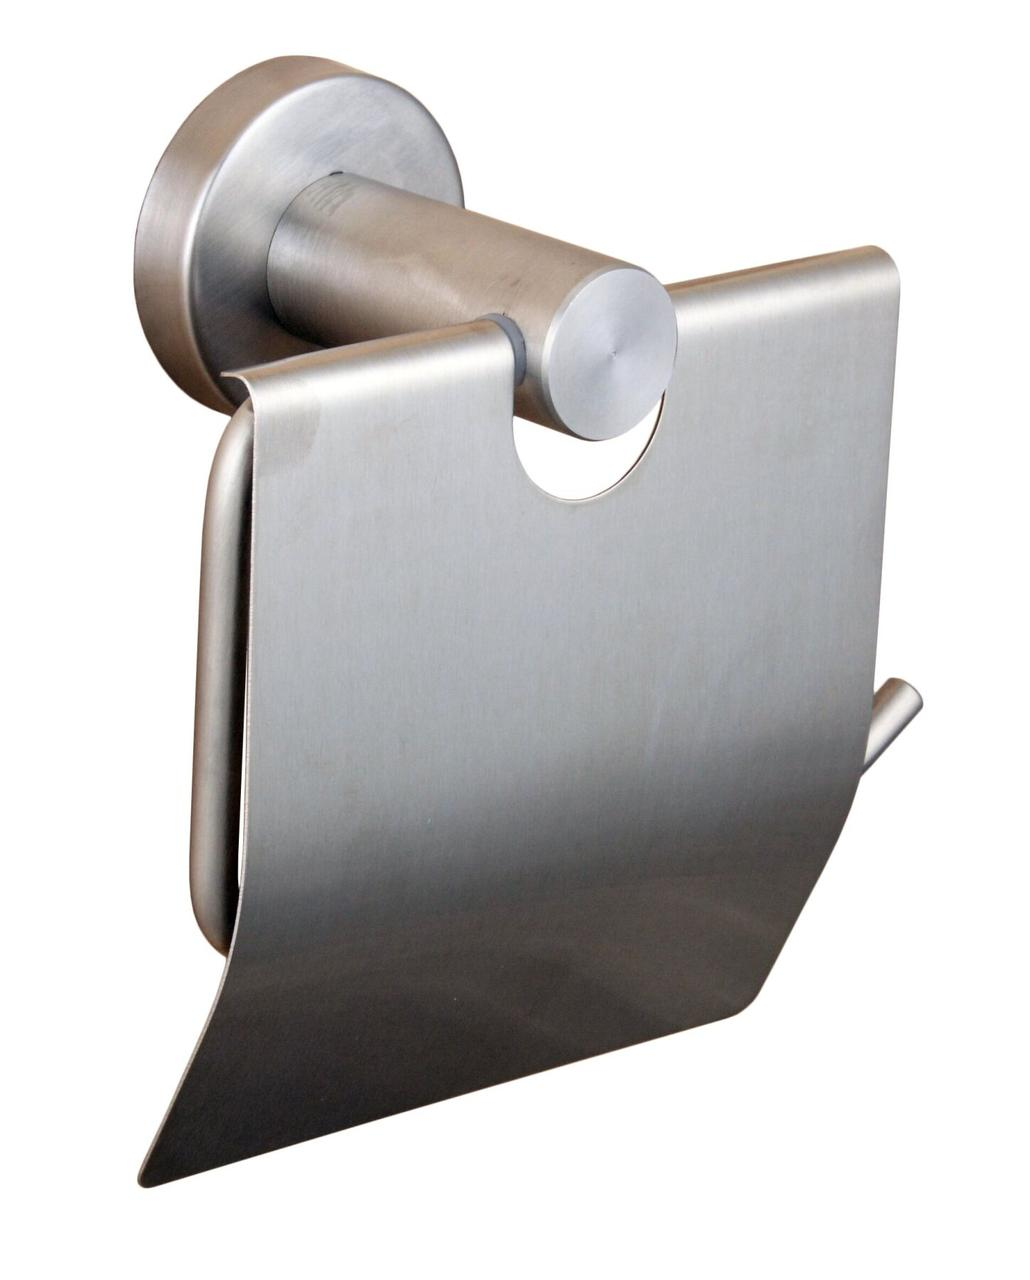 Тримач для туалетного паперу